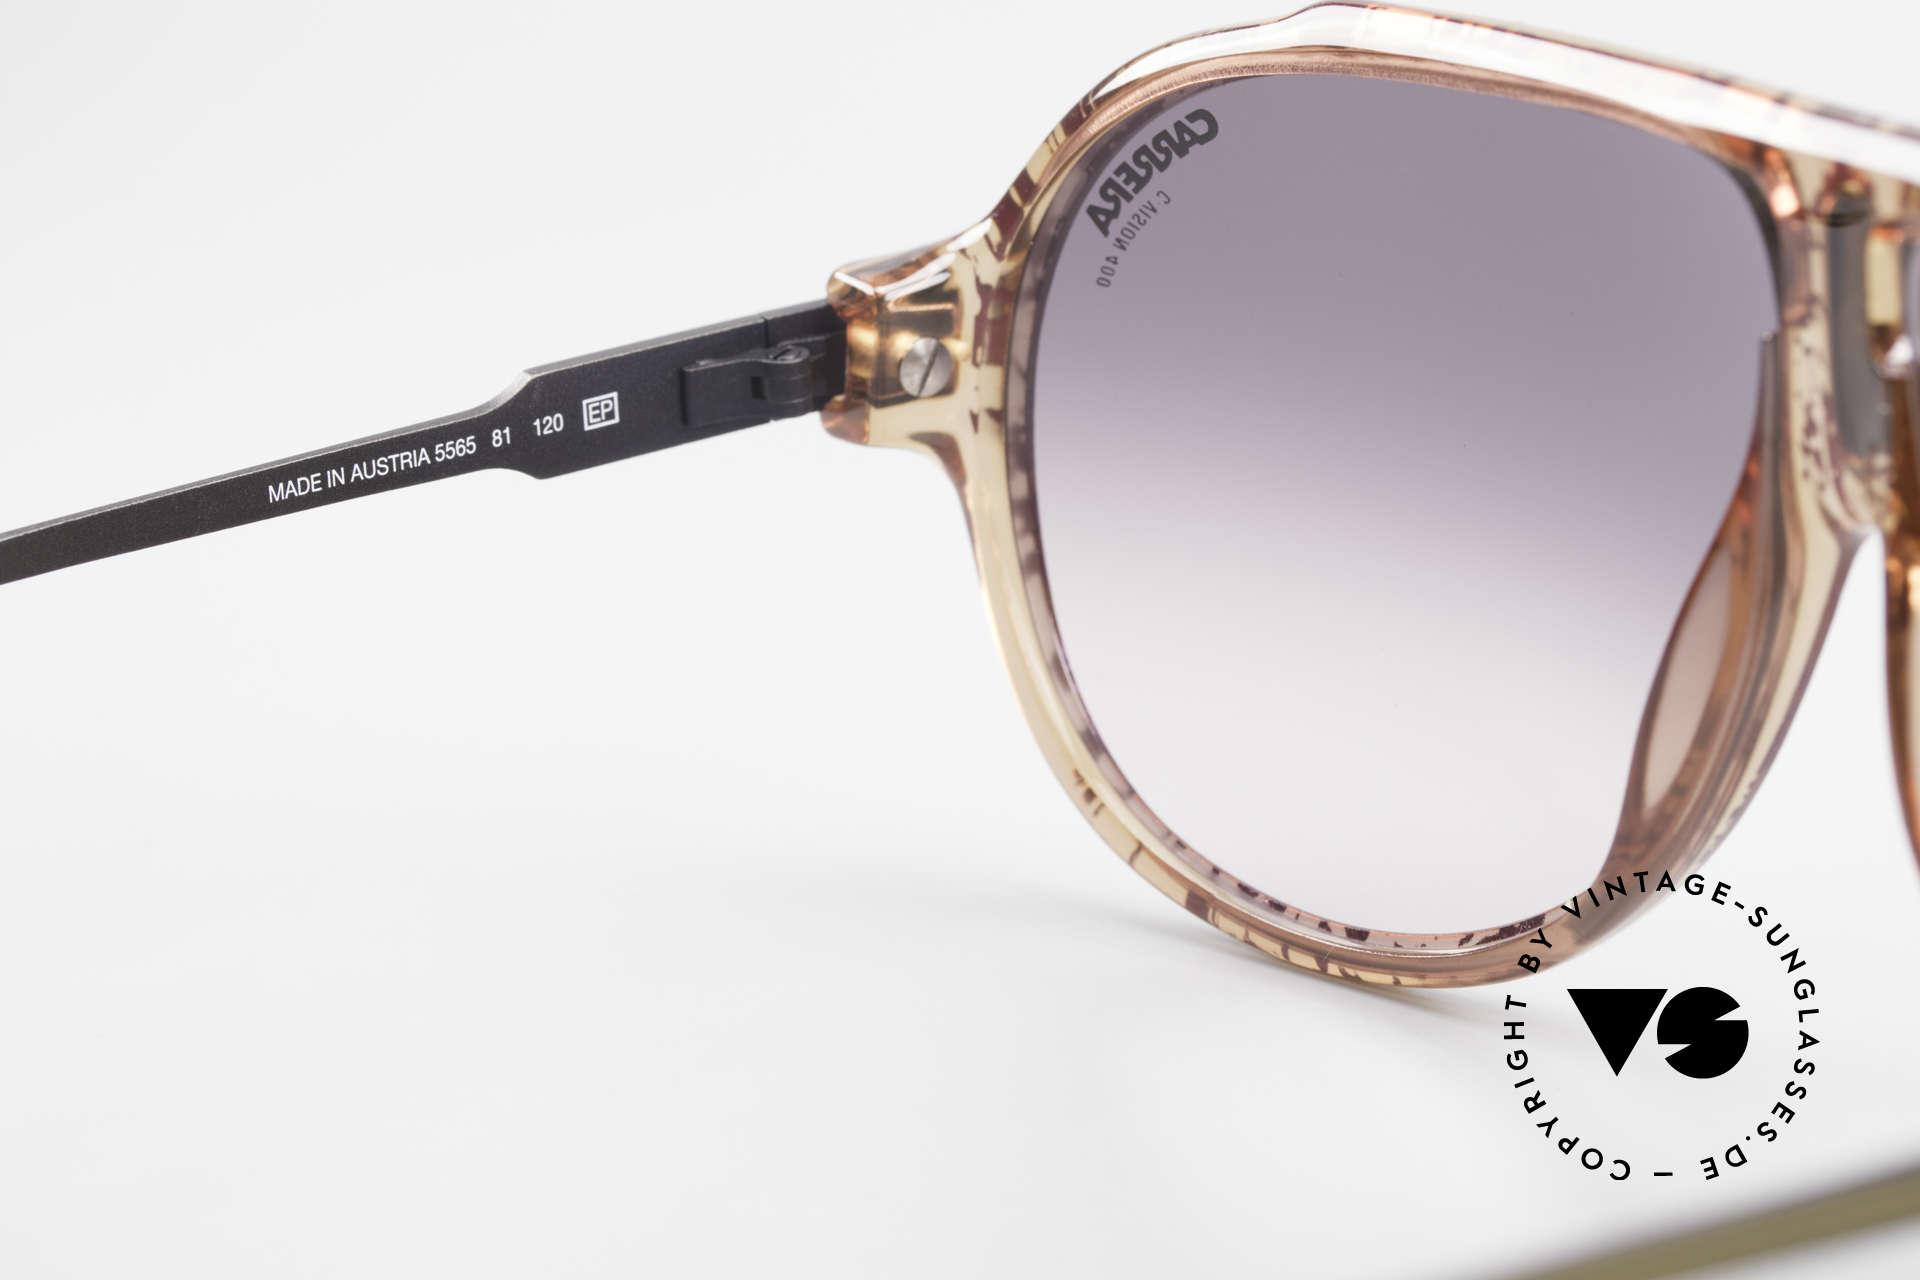 Carrera 5565 Alte Vintage 80er Sonnenbrille, einzigartiges Rahmenmuster: AUBERGINE gesplittert, Passend für Herren und Damen